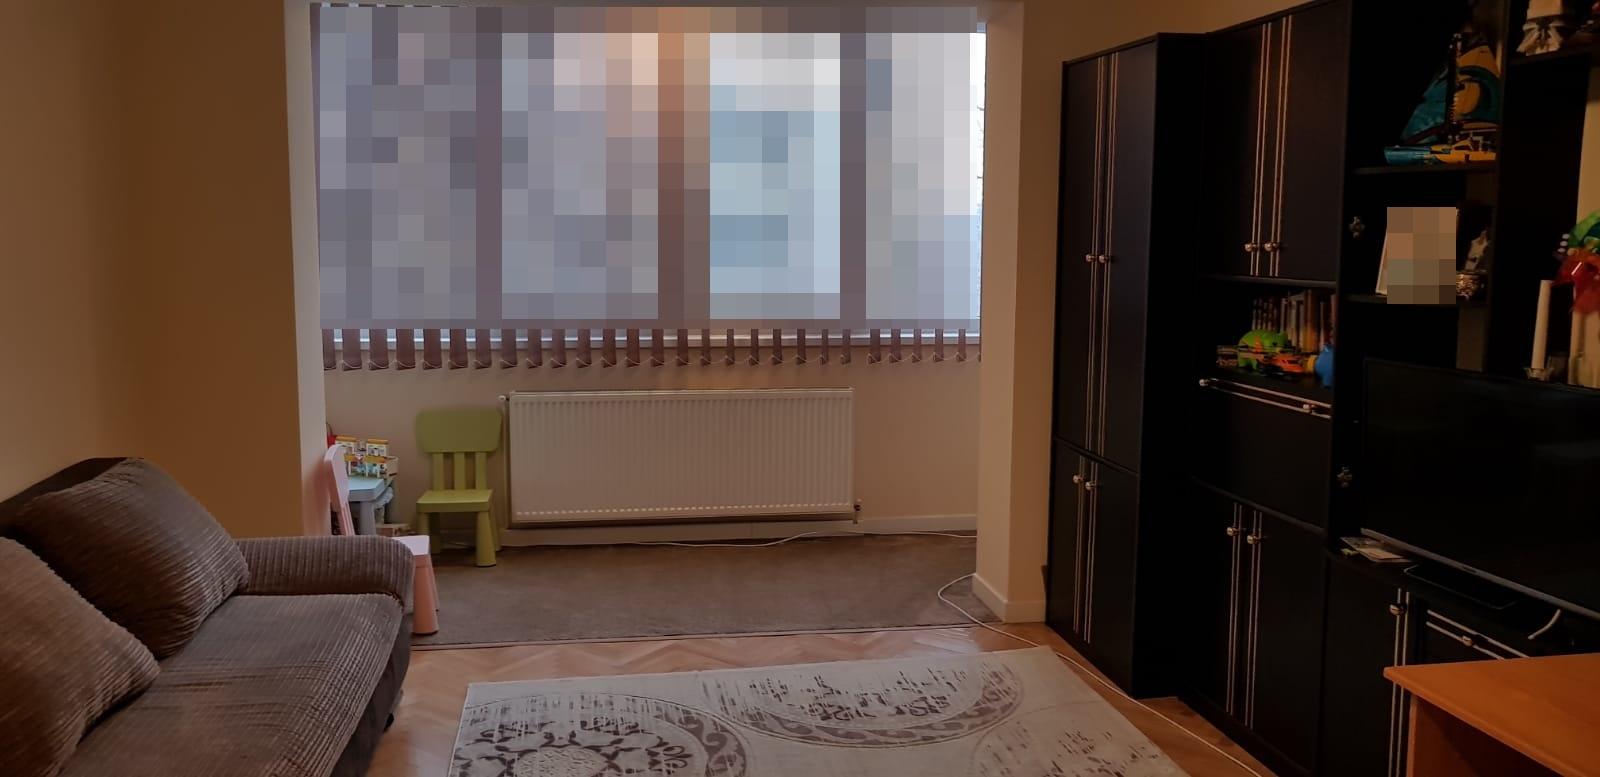 Apartament 3 camere decomandat de vanzare, Tg Mures Tudor Zona Super